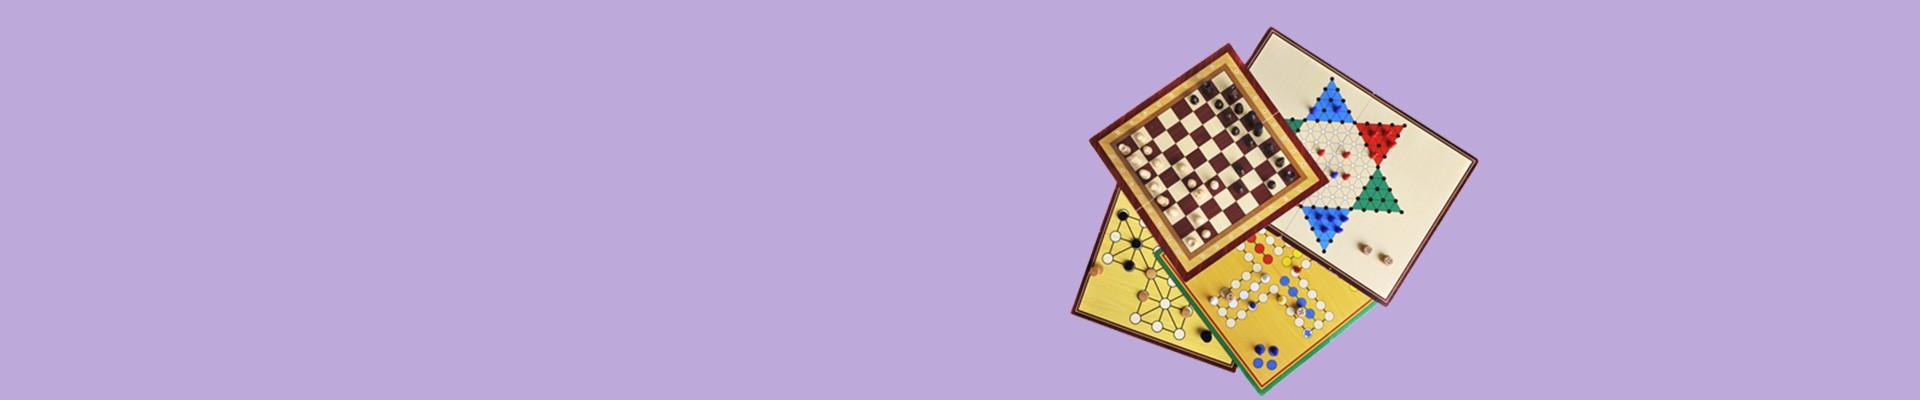 Jual Board Game Terbaru & Terlengkap